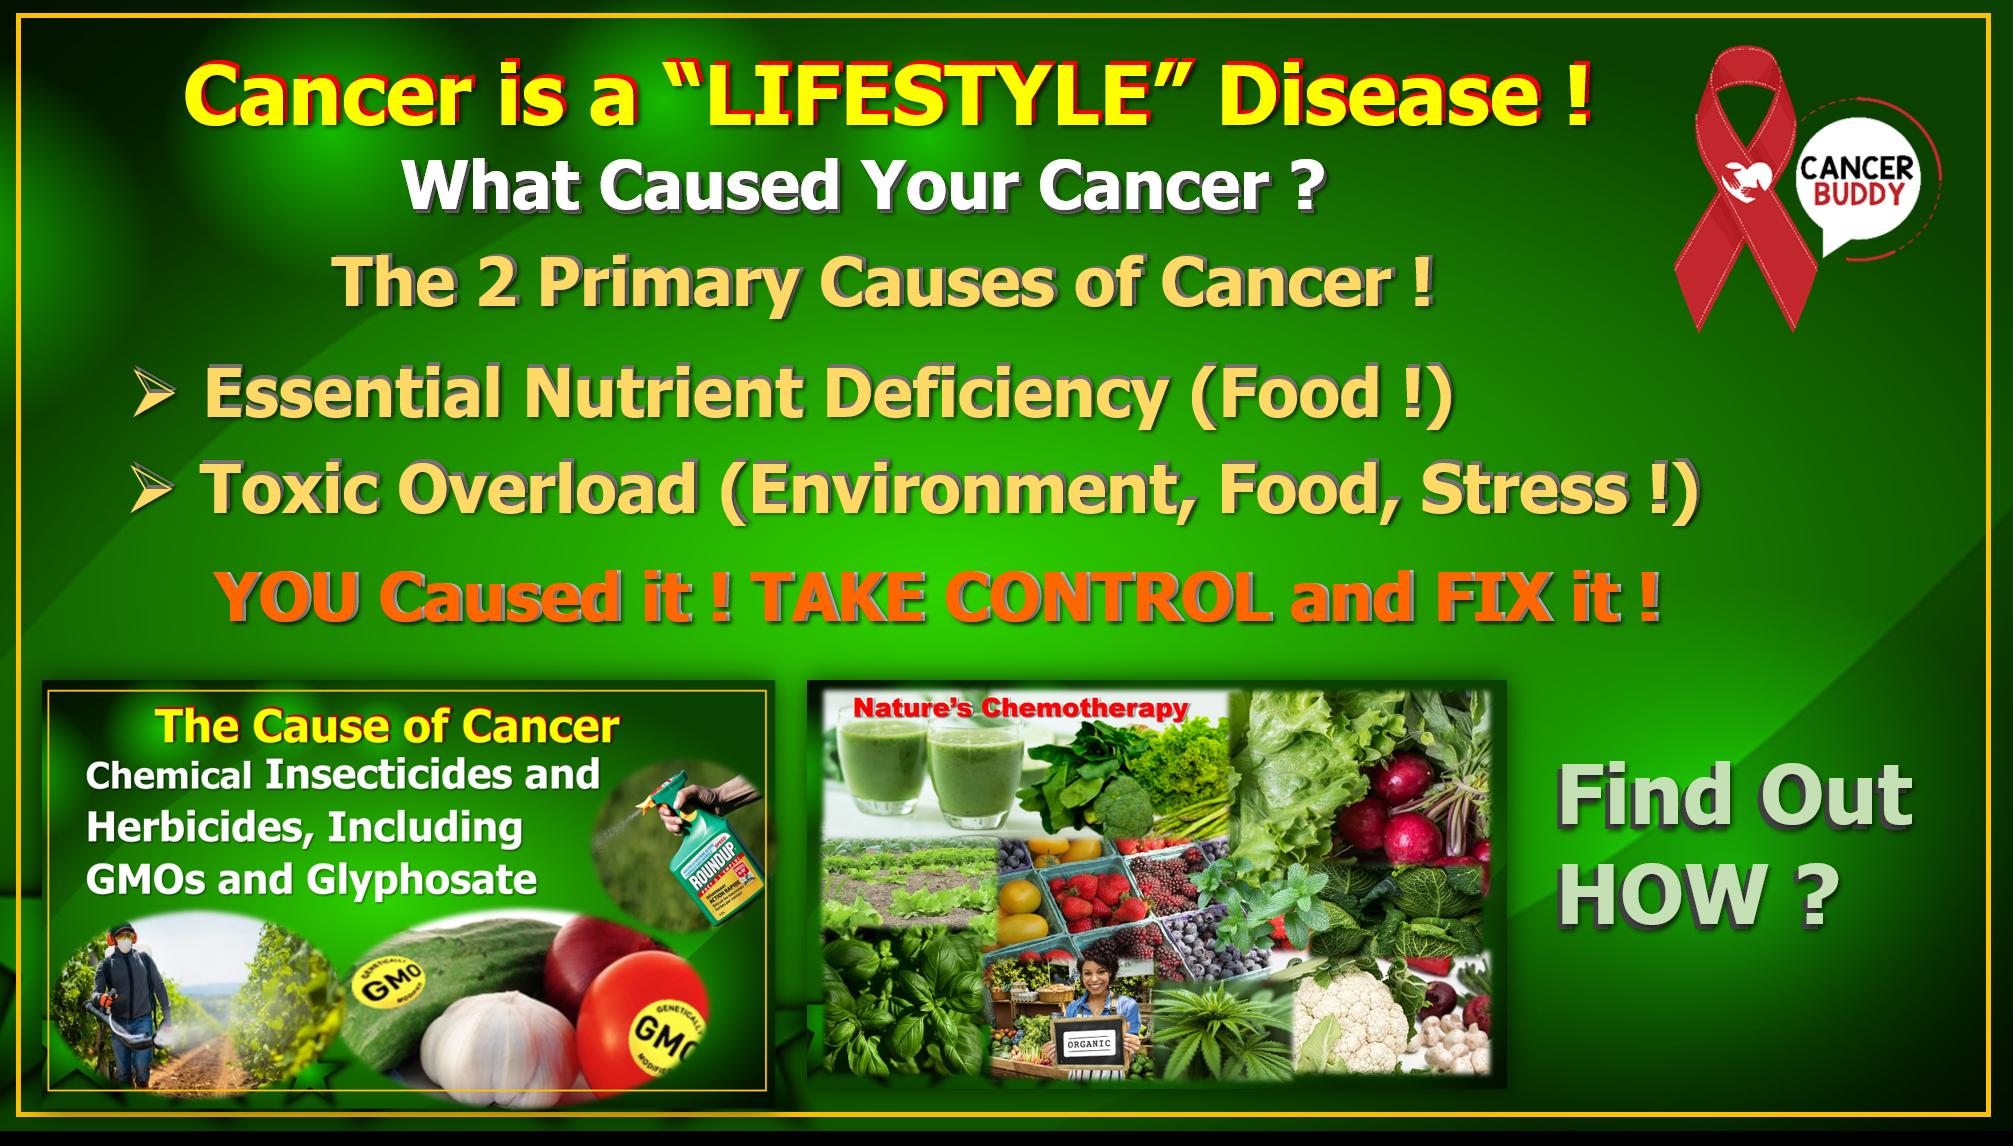 Cancer - Lifesrtyle Disease5